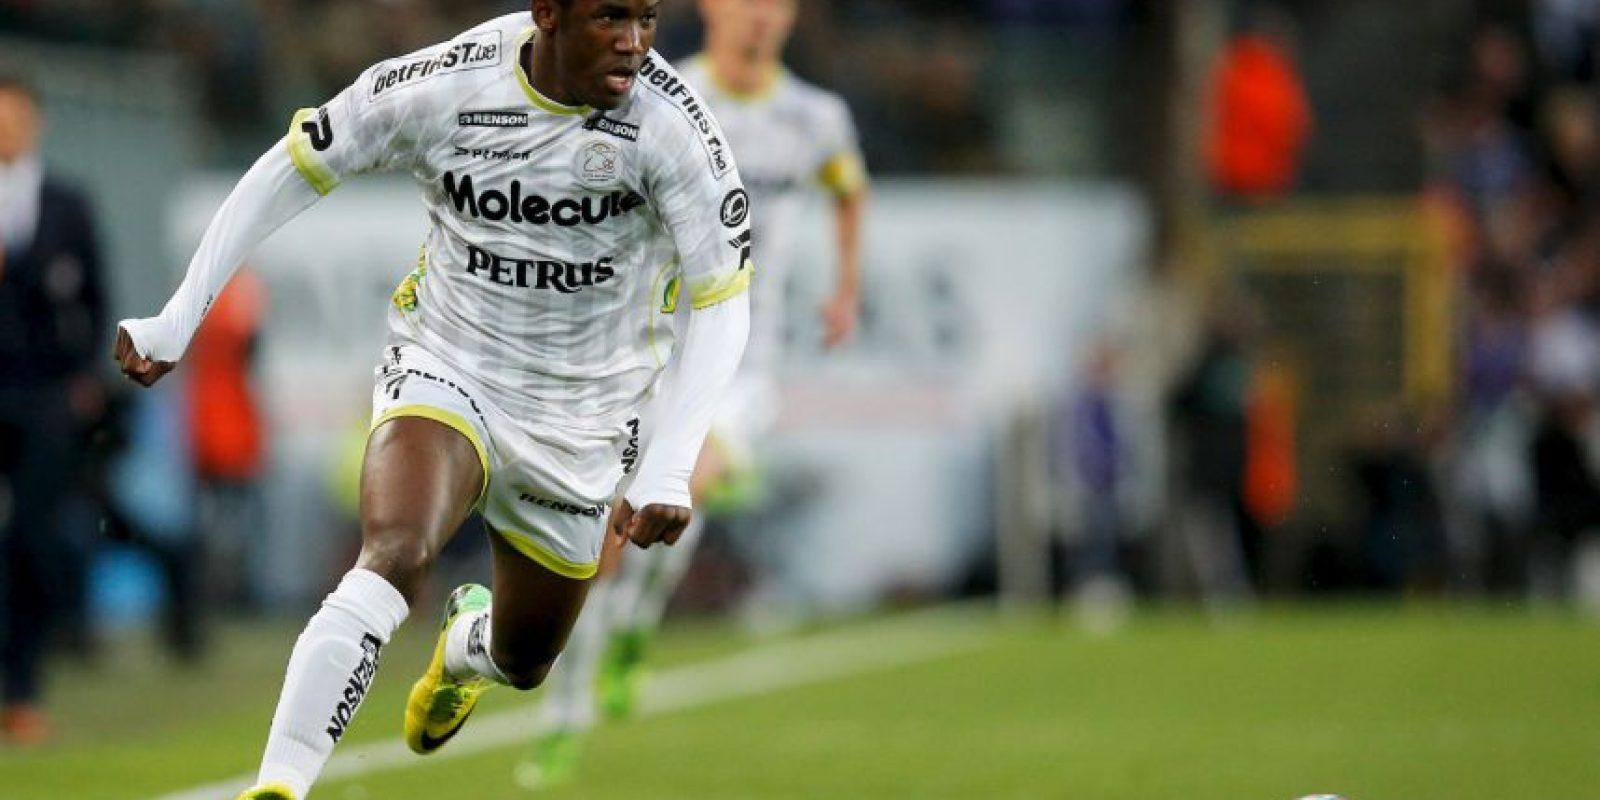 Fabrice Olinga es el futbolista más joven que marcó en la Liga de España. El camerunés anotó a los 16 años y 98 días Foto:Getty Images